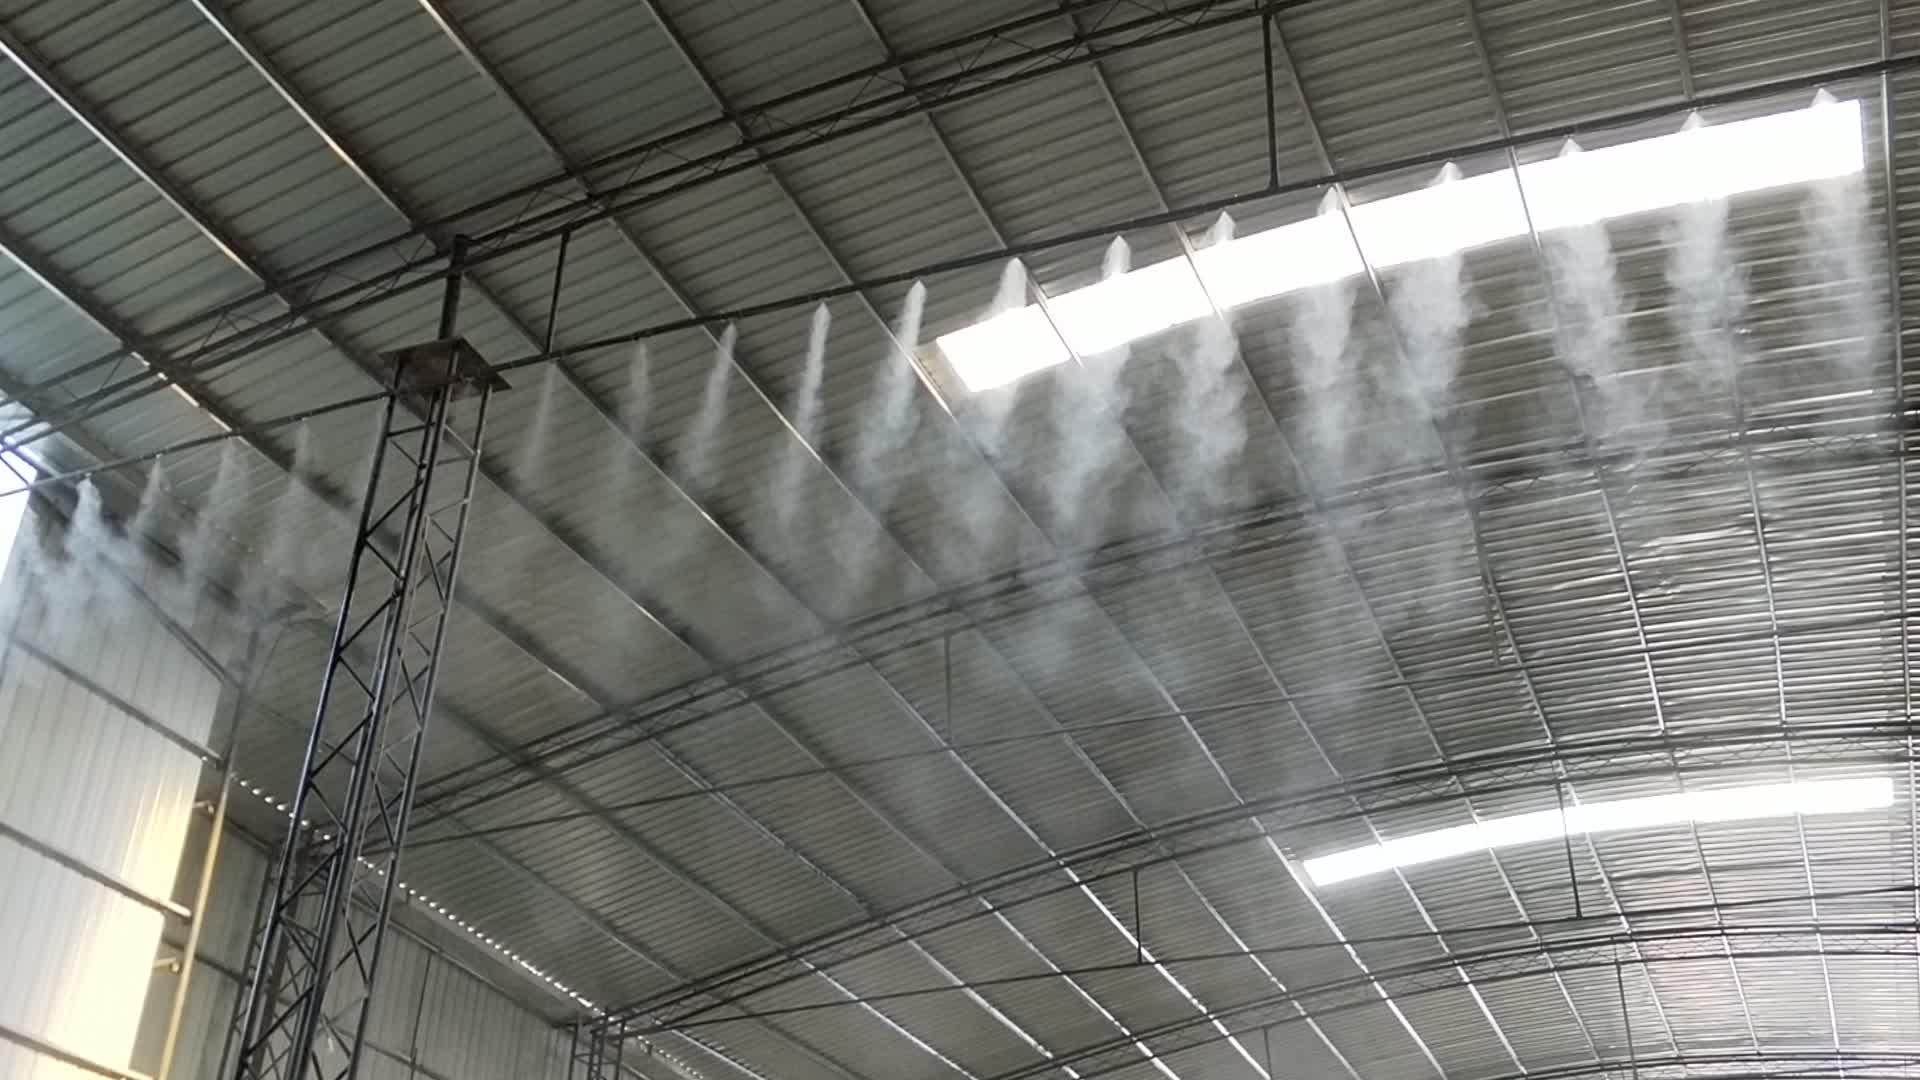 四川园林景观喷雾机,景观造雾机,优质创意造雾系统